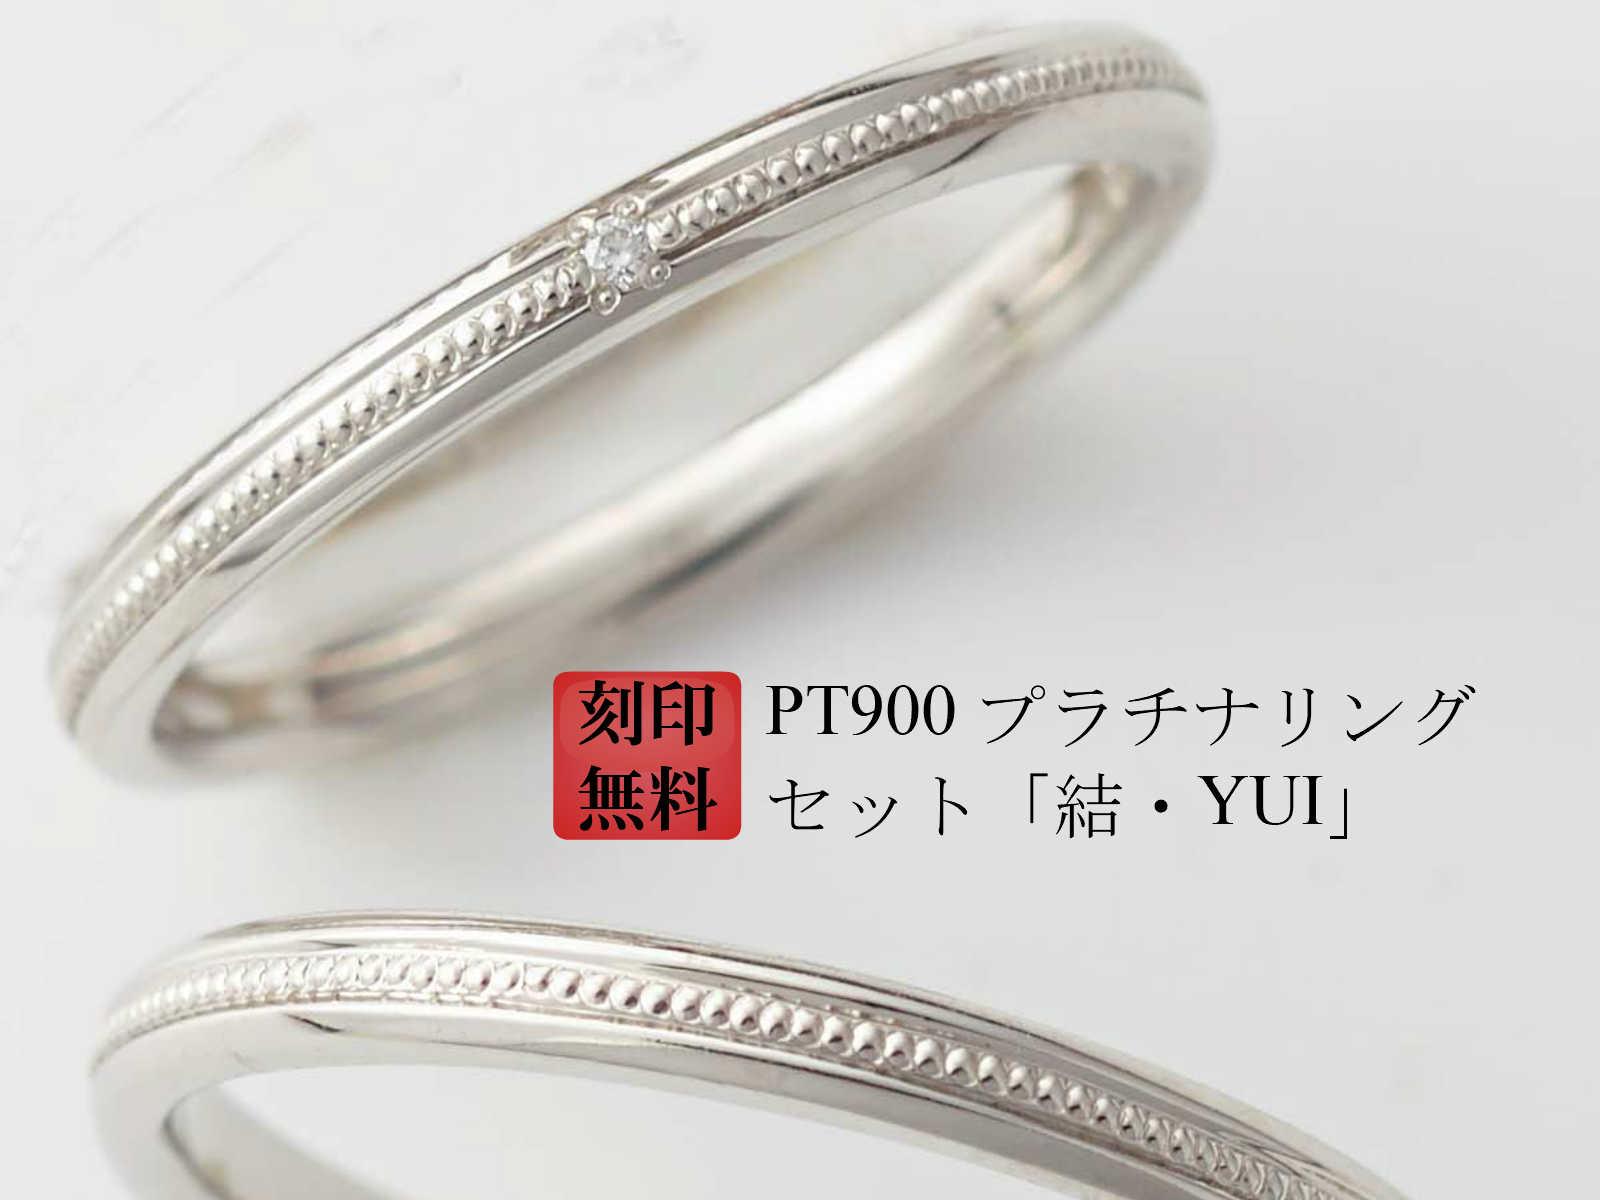 結婚指輪 マリッジリング Pt900 プラチナ リング ( 純プラチナ 90%) 刻印無料 プラチナリング ダイヤ 入り 2本 ペアリング「結・YUI」【母の日 プレゼント】